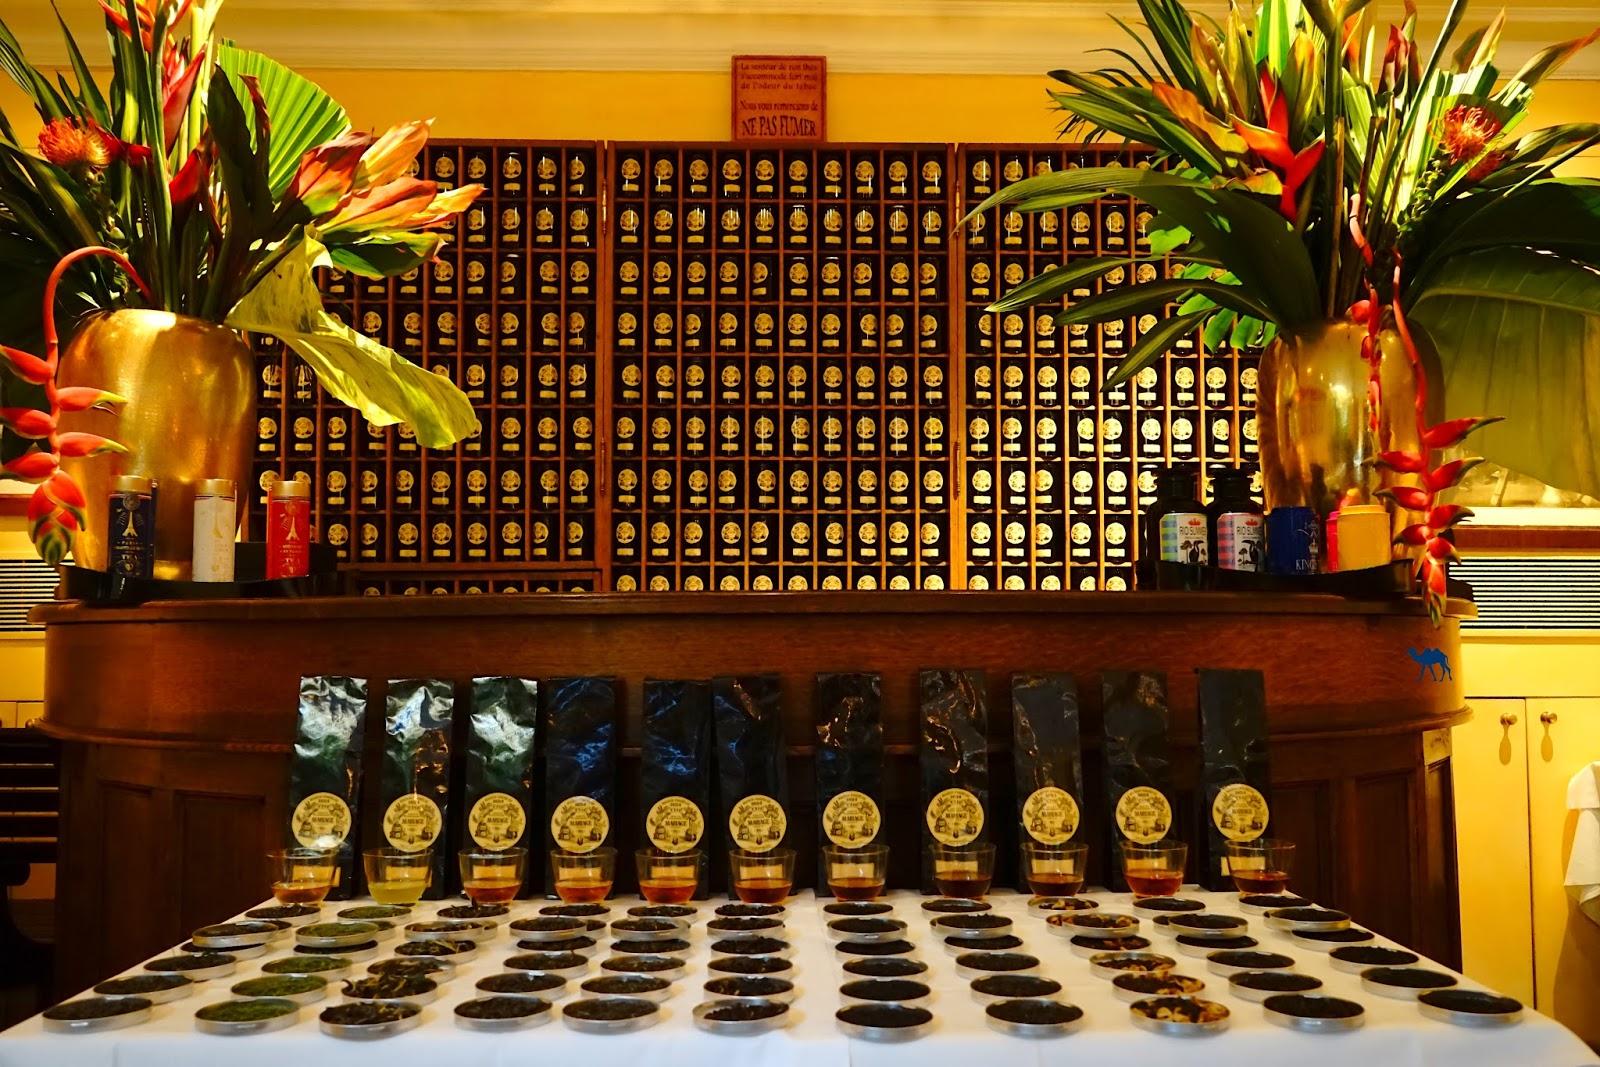 Le Chameau Bleu - Bar à thé - Salon de thé Mariage Frères Paris